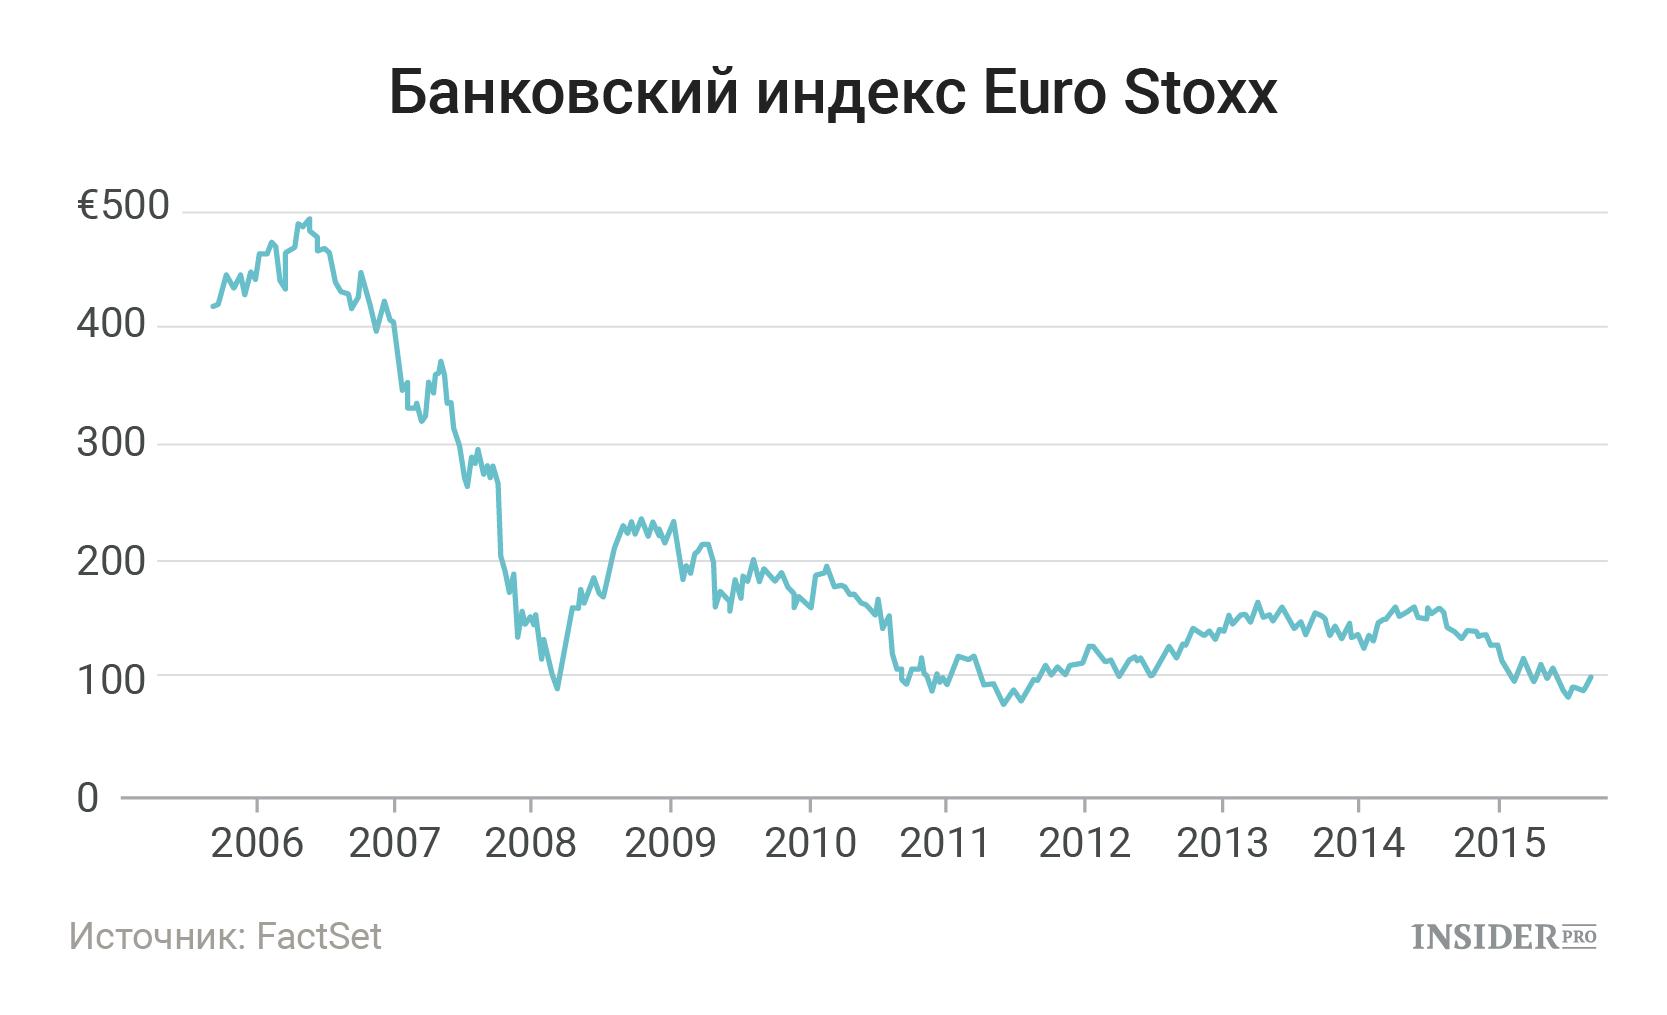 Банковский индекс